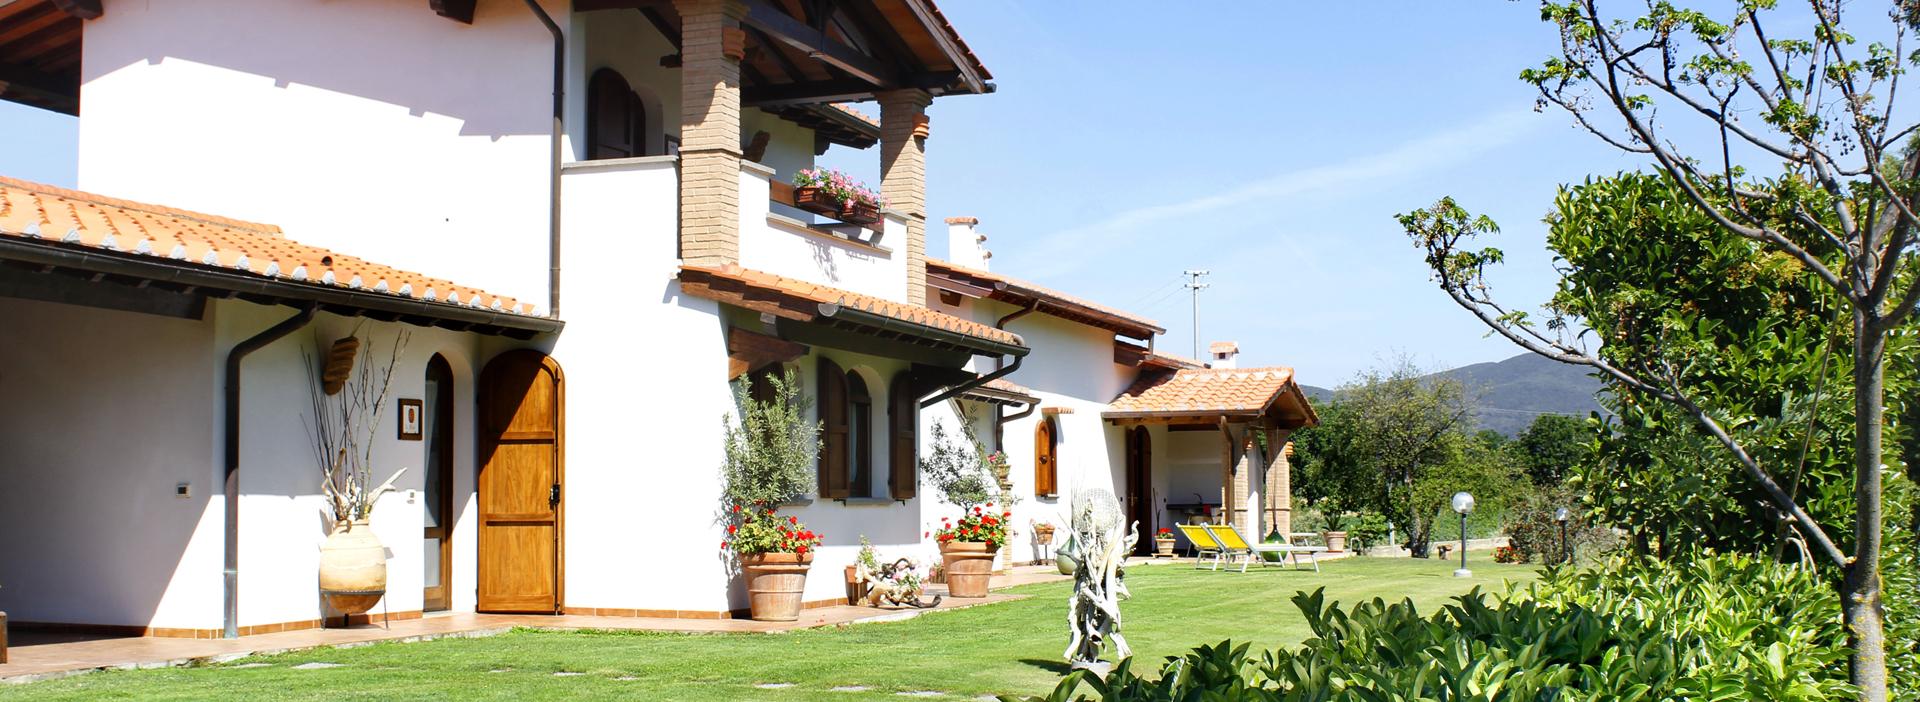 Appartamenti Vacanze Castiglione della Pescaia - Casa ...